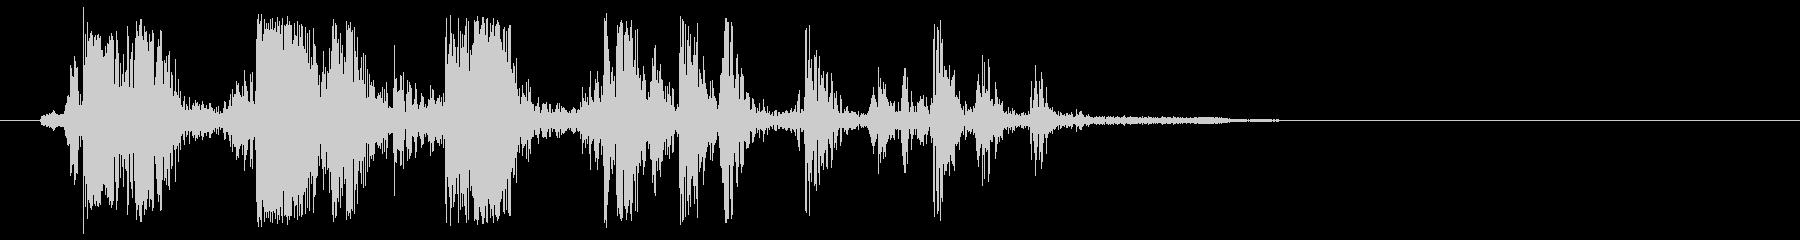 ガチャン、という何かが動く効果音の未再生の波形